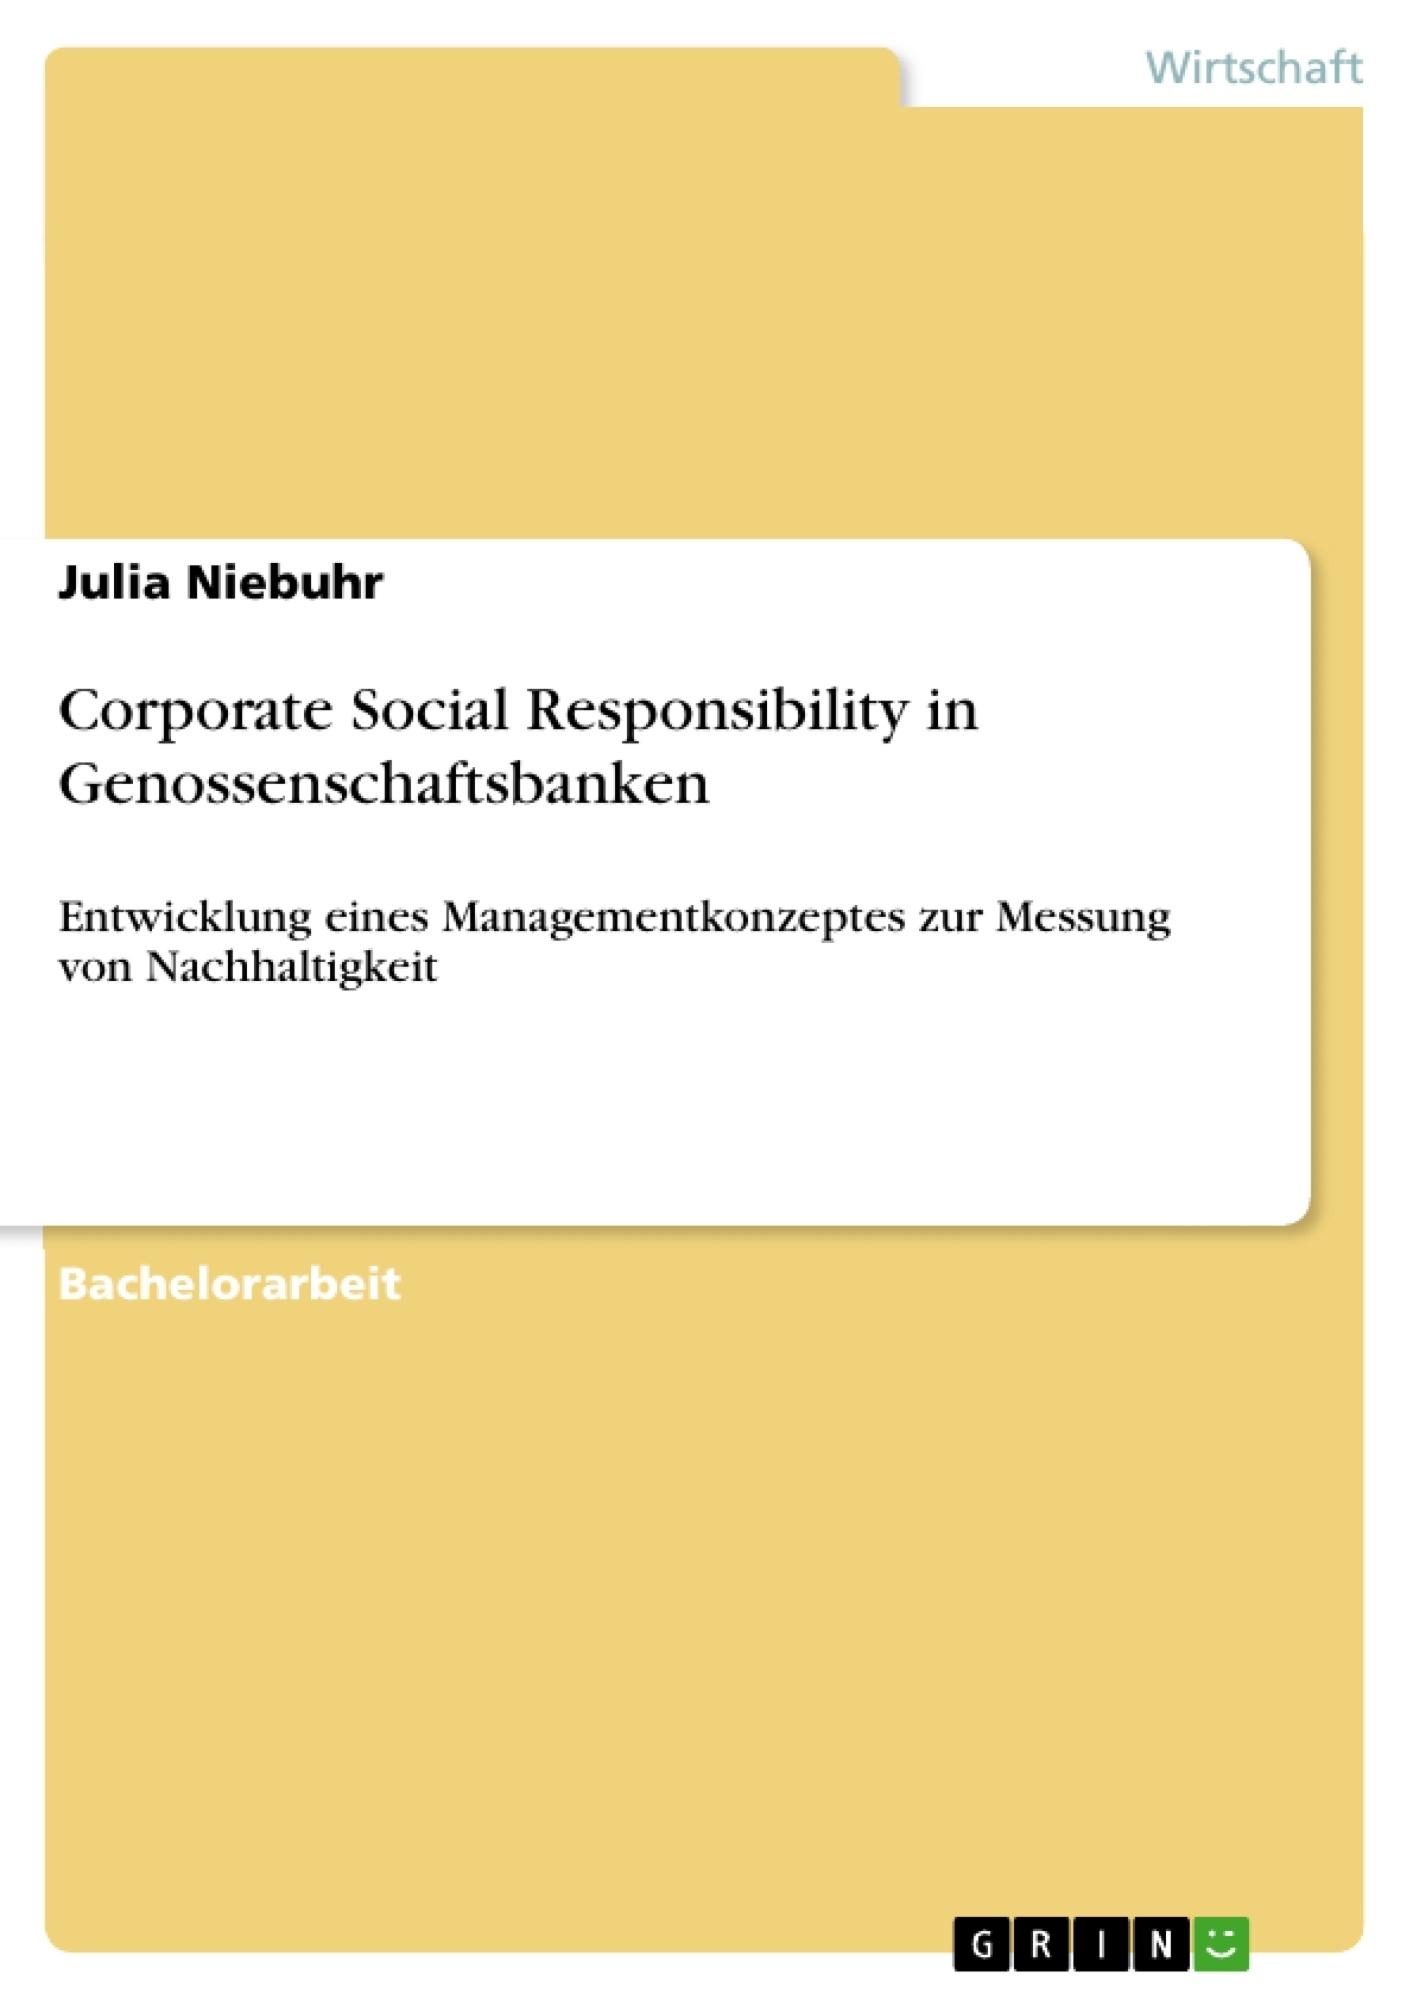 Titel: Corporate Social Responsibility in Genossenschaftsbanken